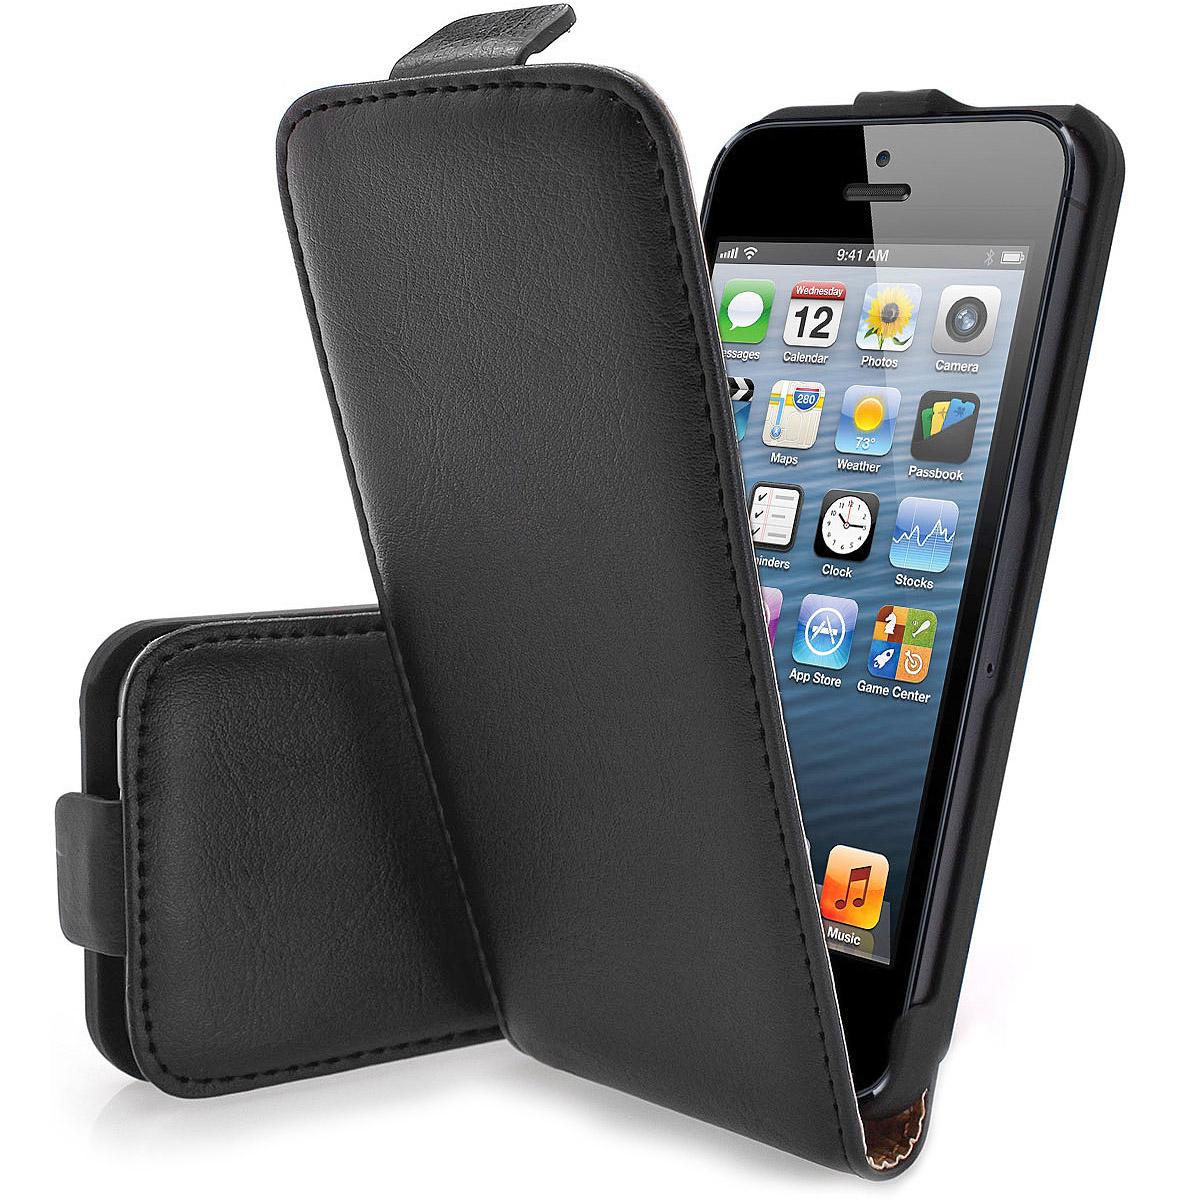 iPhone-5-Flip-Tasche-Flip-Case-Huelle-Schutz-inkl-Schutzfolie-schwarz